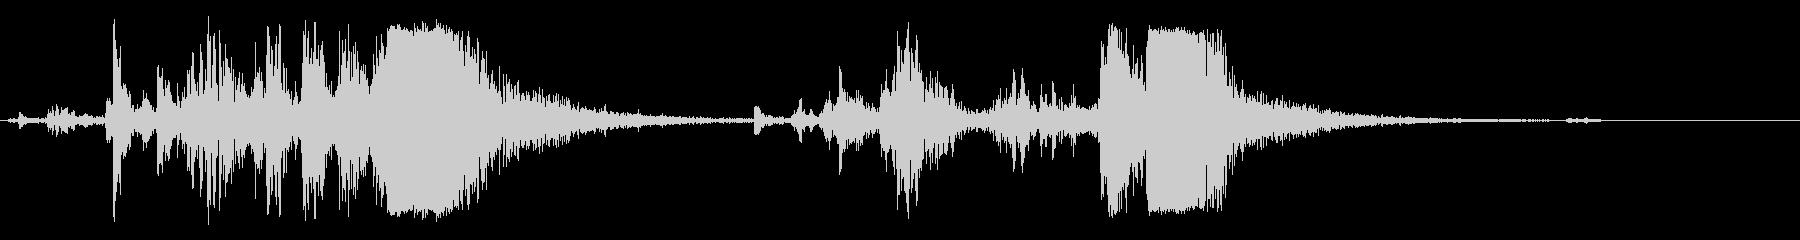 銃 機関銃 リロード音 リアル系の未再生の波形